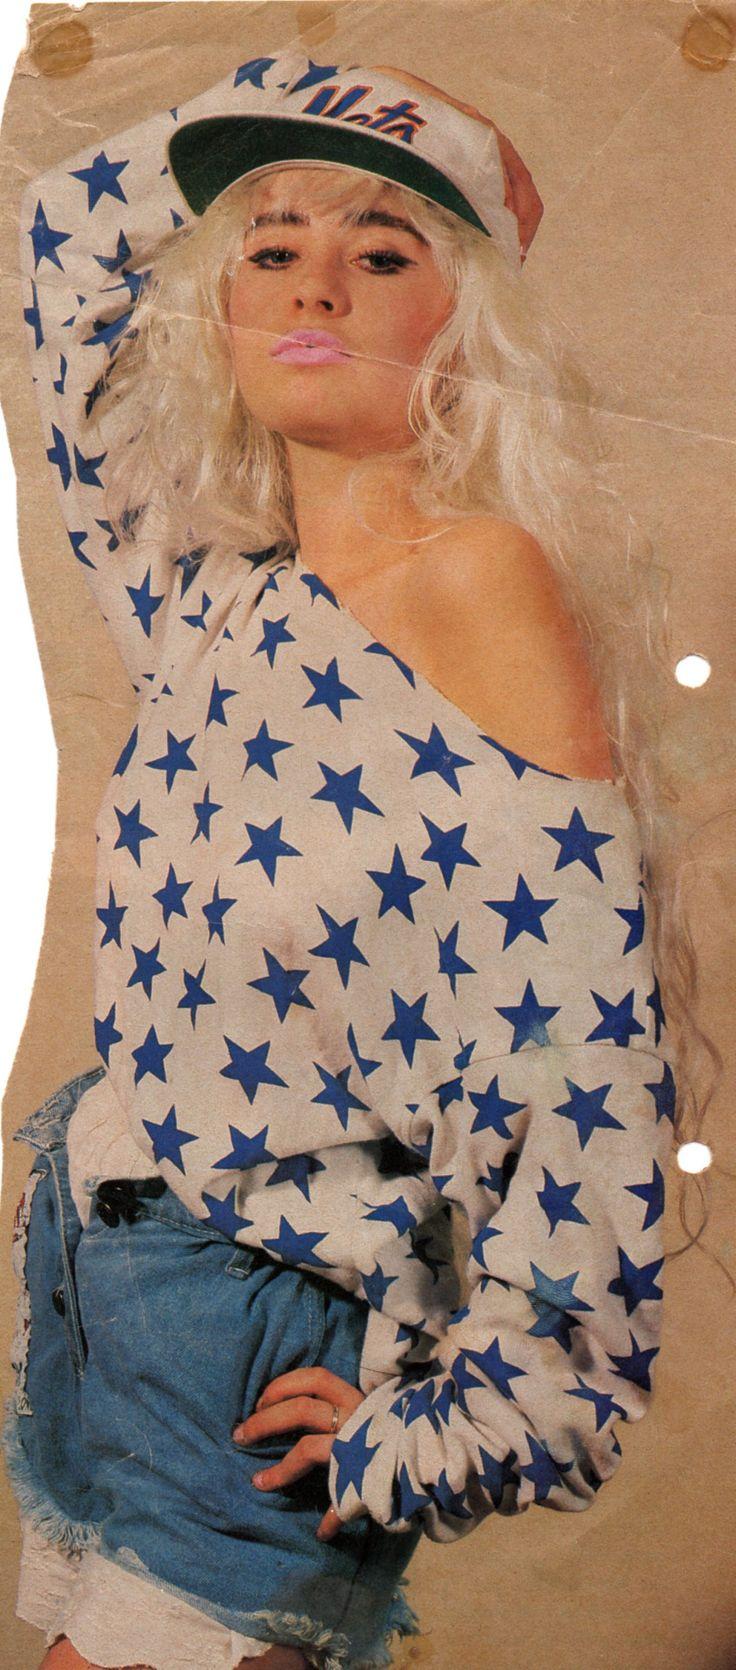 Wendy James star du porno